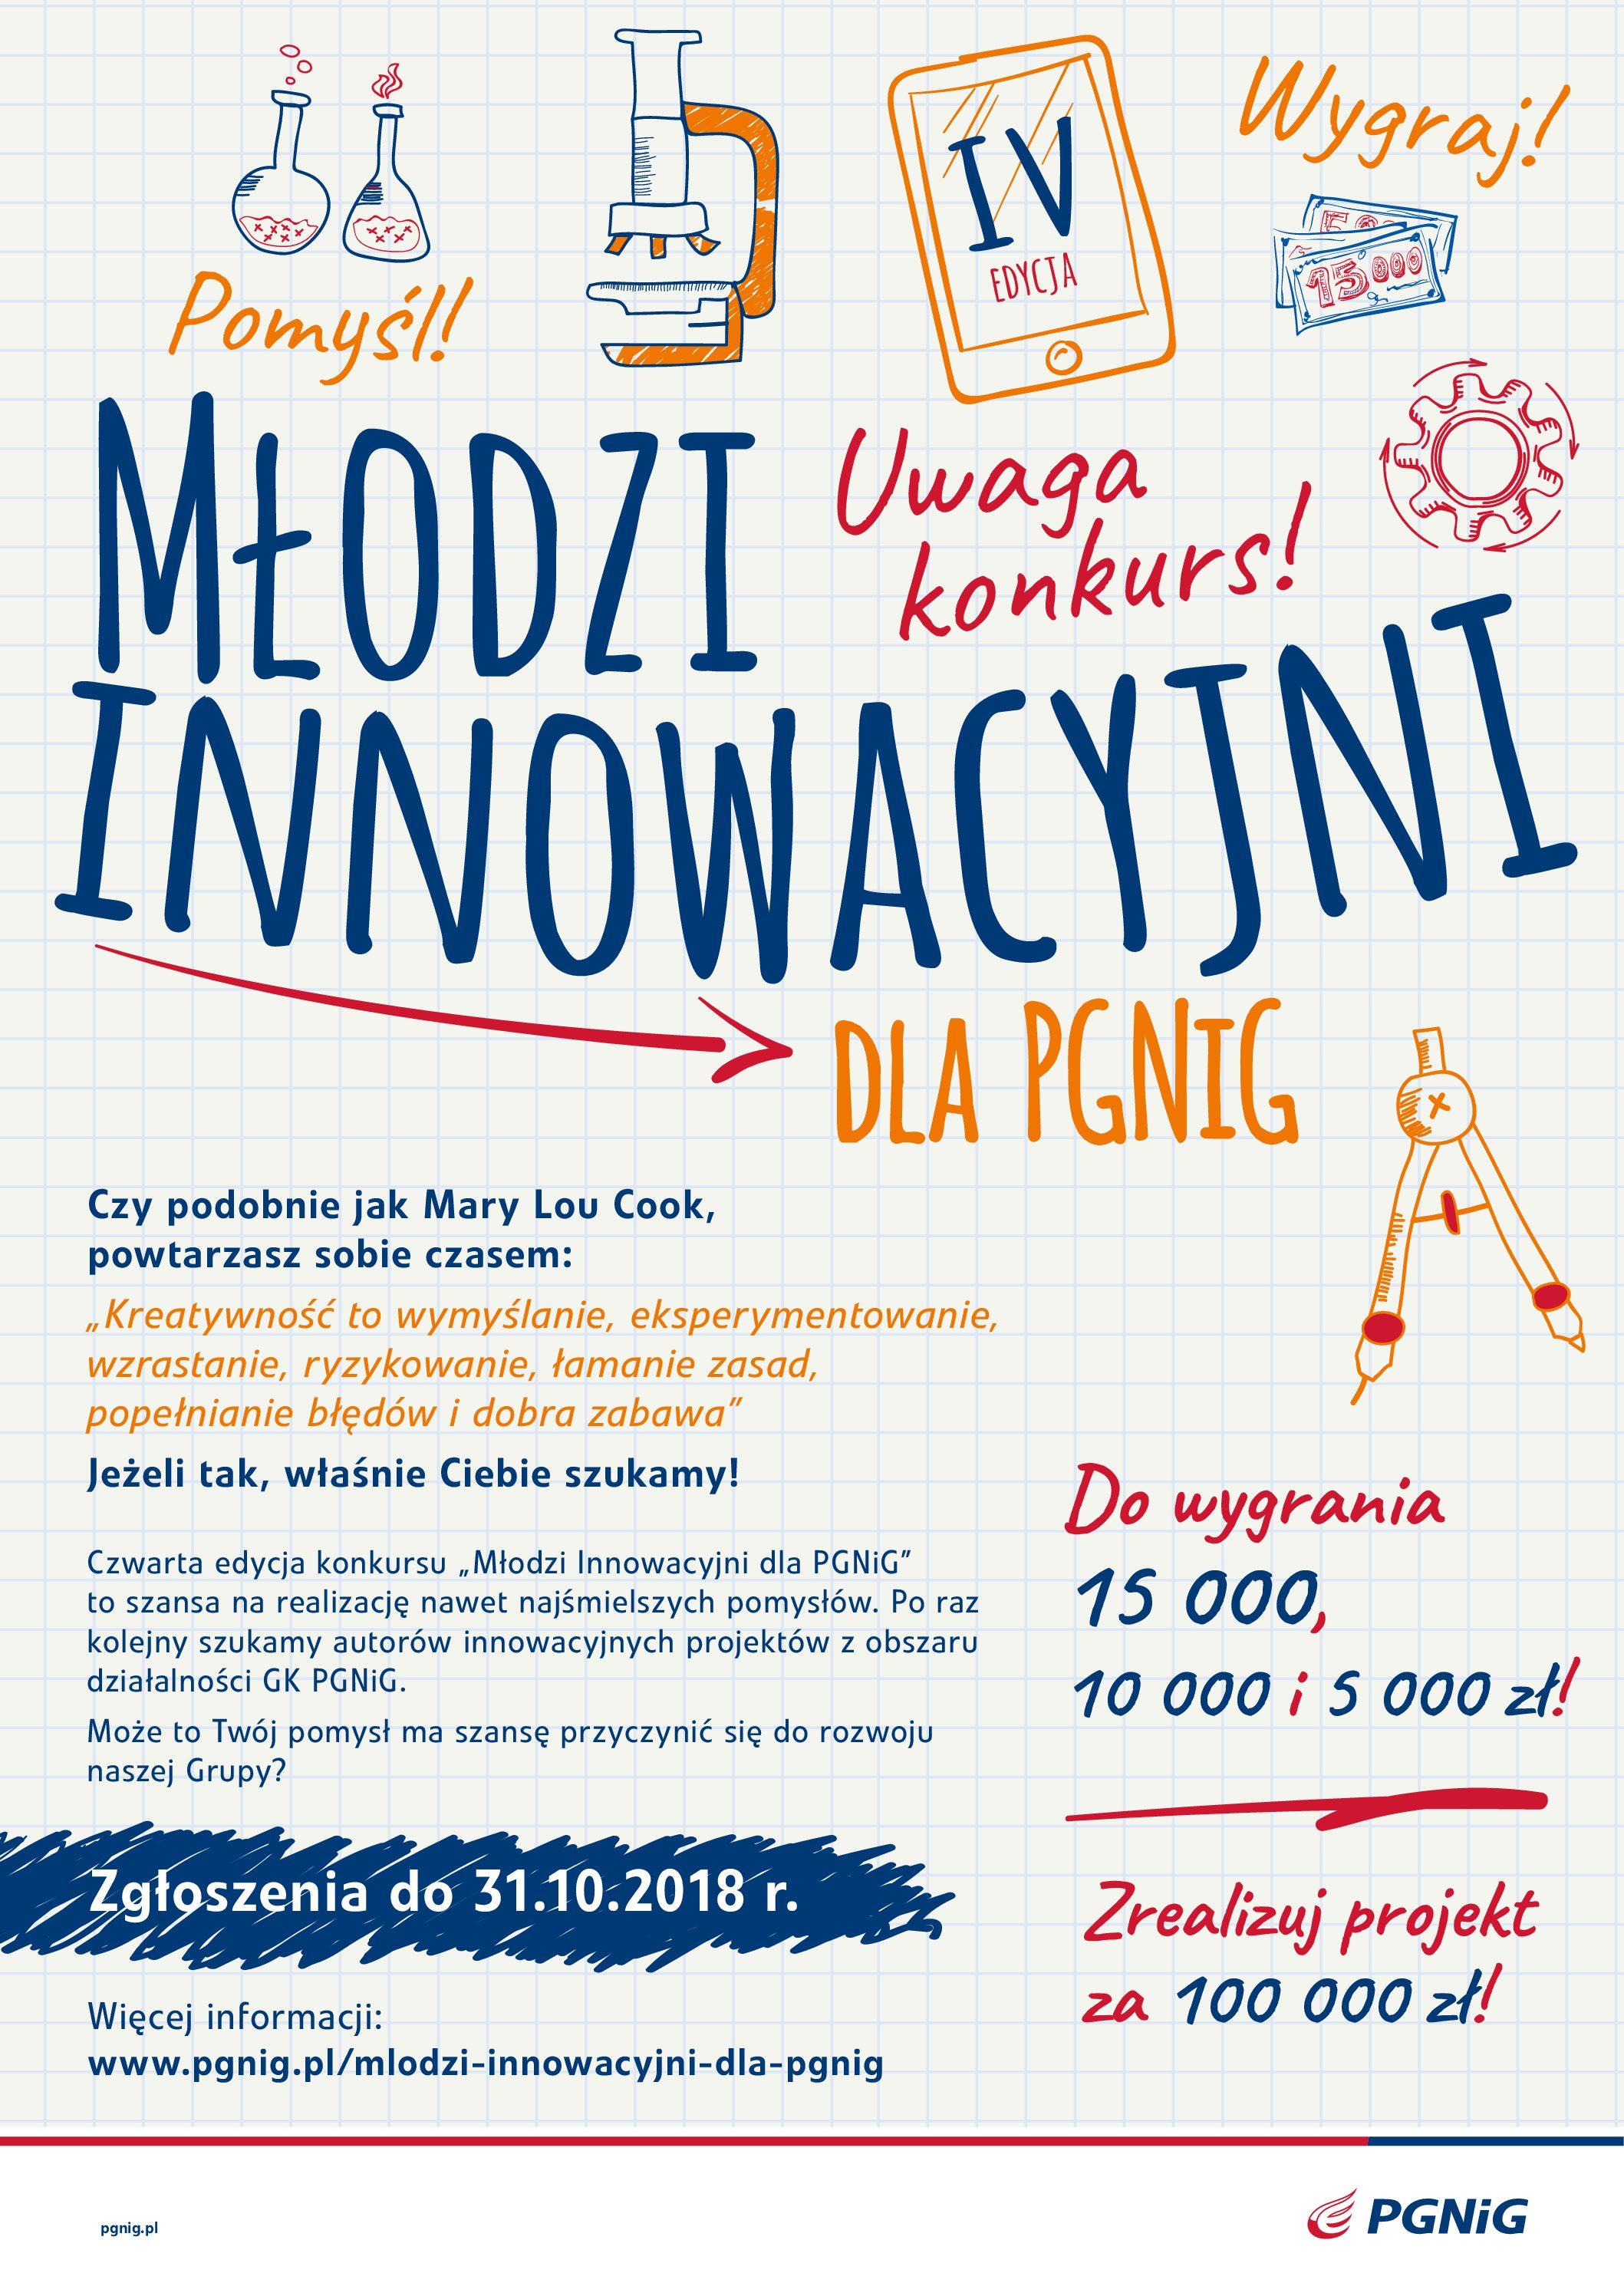 IV edycja konkursu Młodzi Innowacyjni dla PGNIG 2018